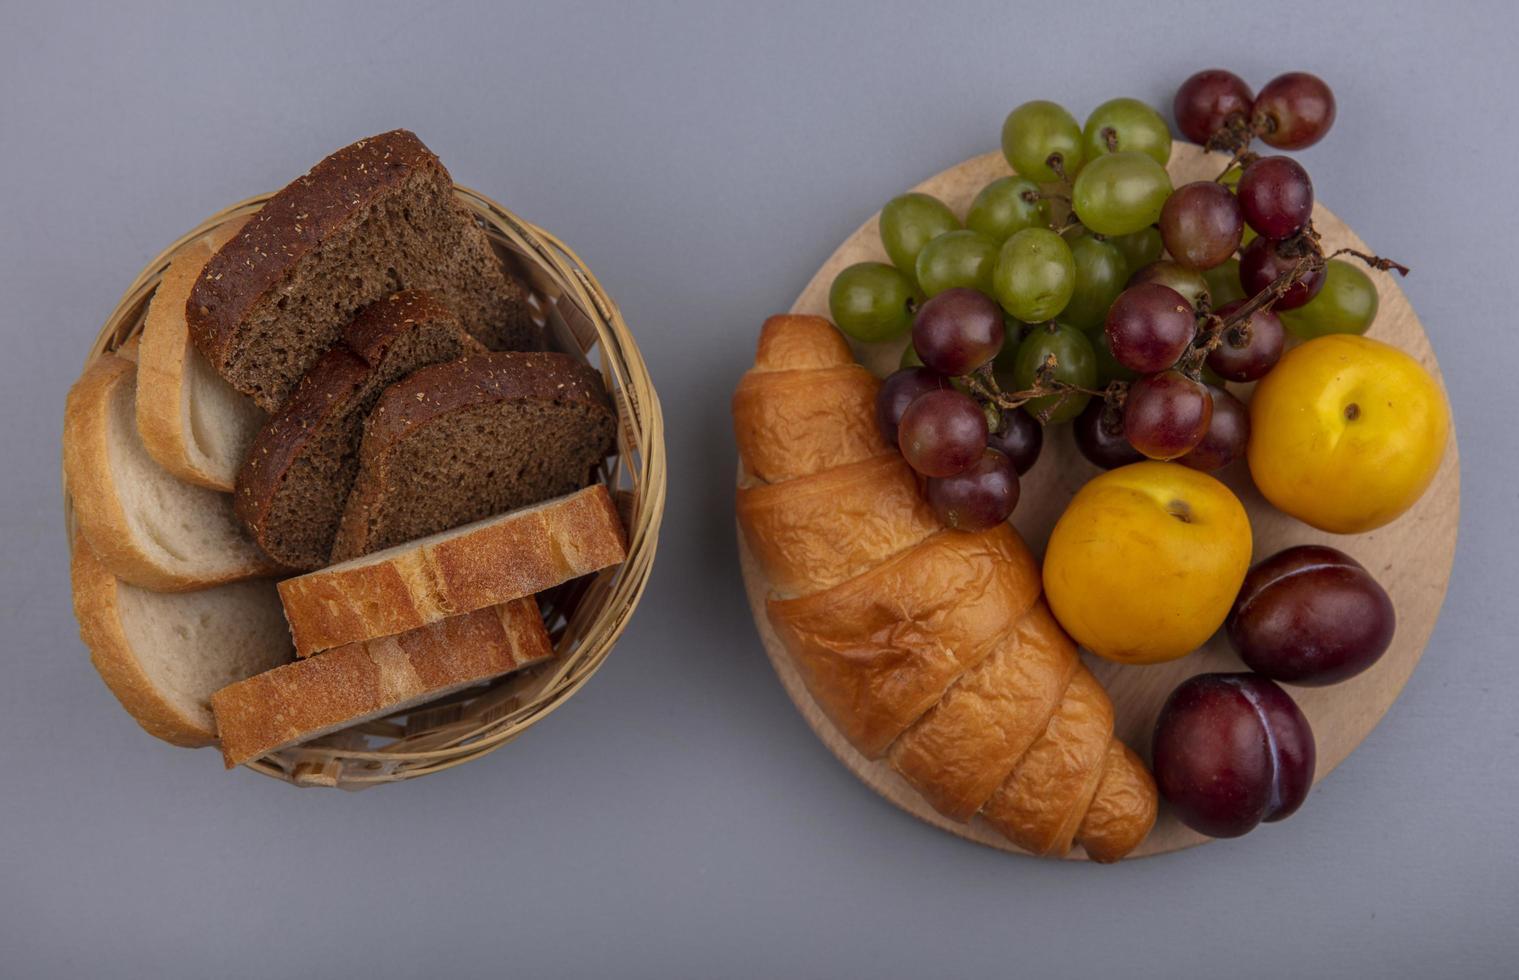 verschiedene Früchte und Brot auf neutralem Hintergrund foto